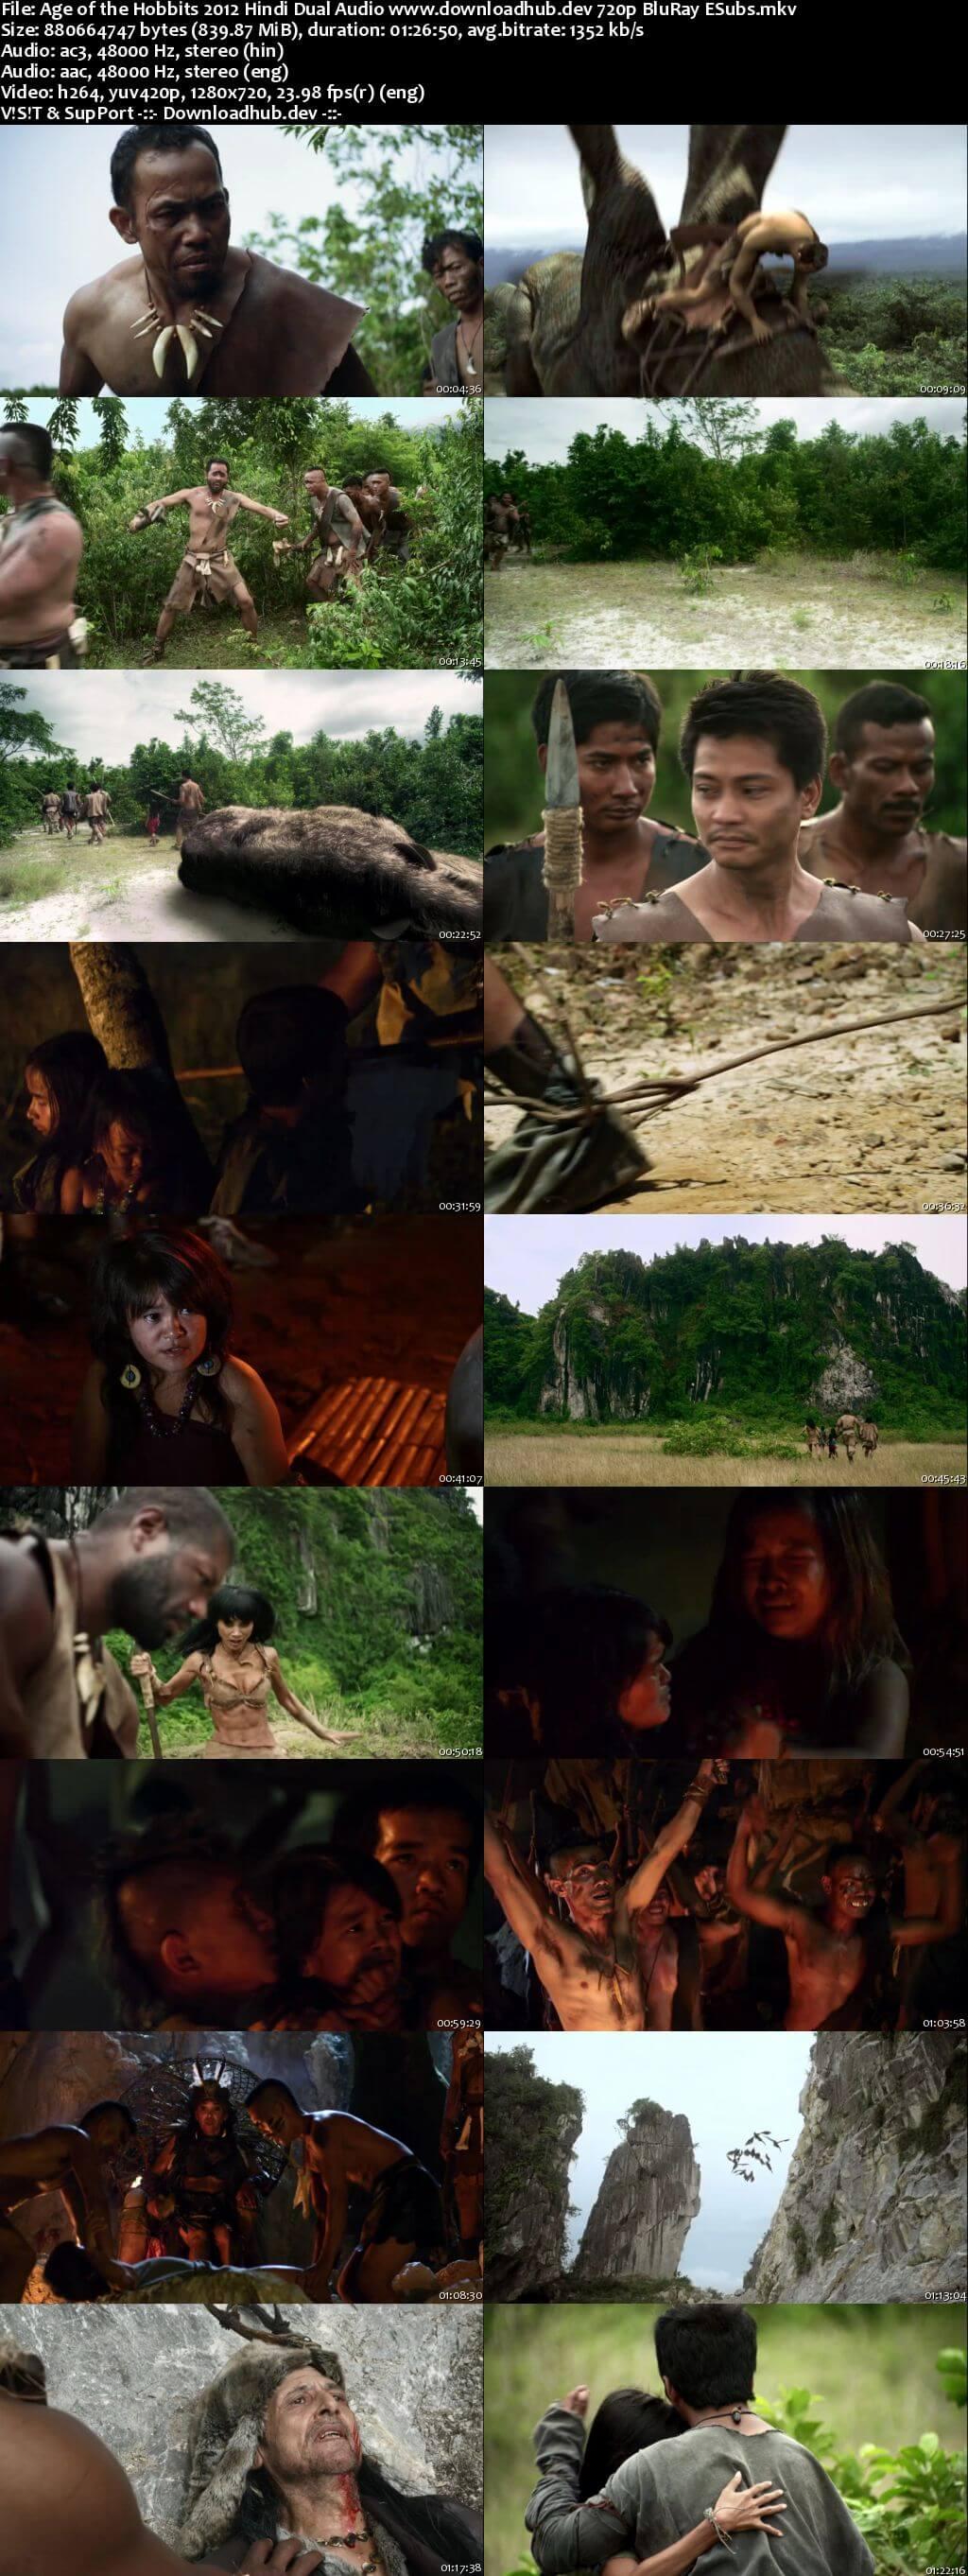 Age of the Hobbits 2012 Hindi Dual Audio 720p BluRay ESubs